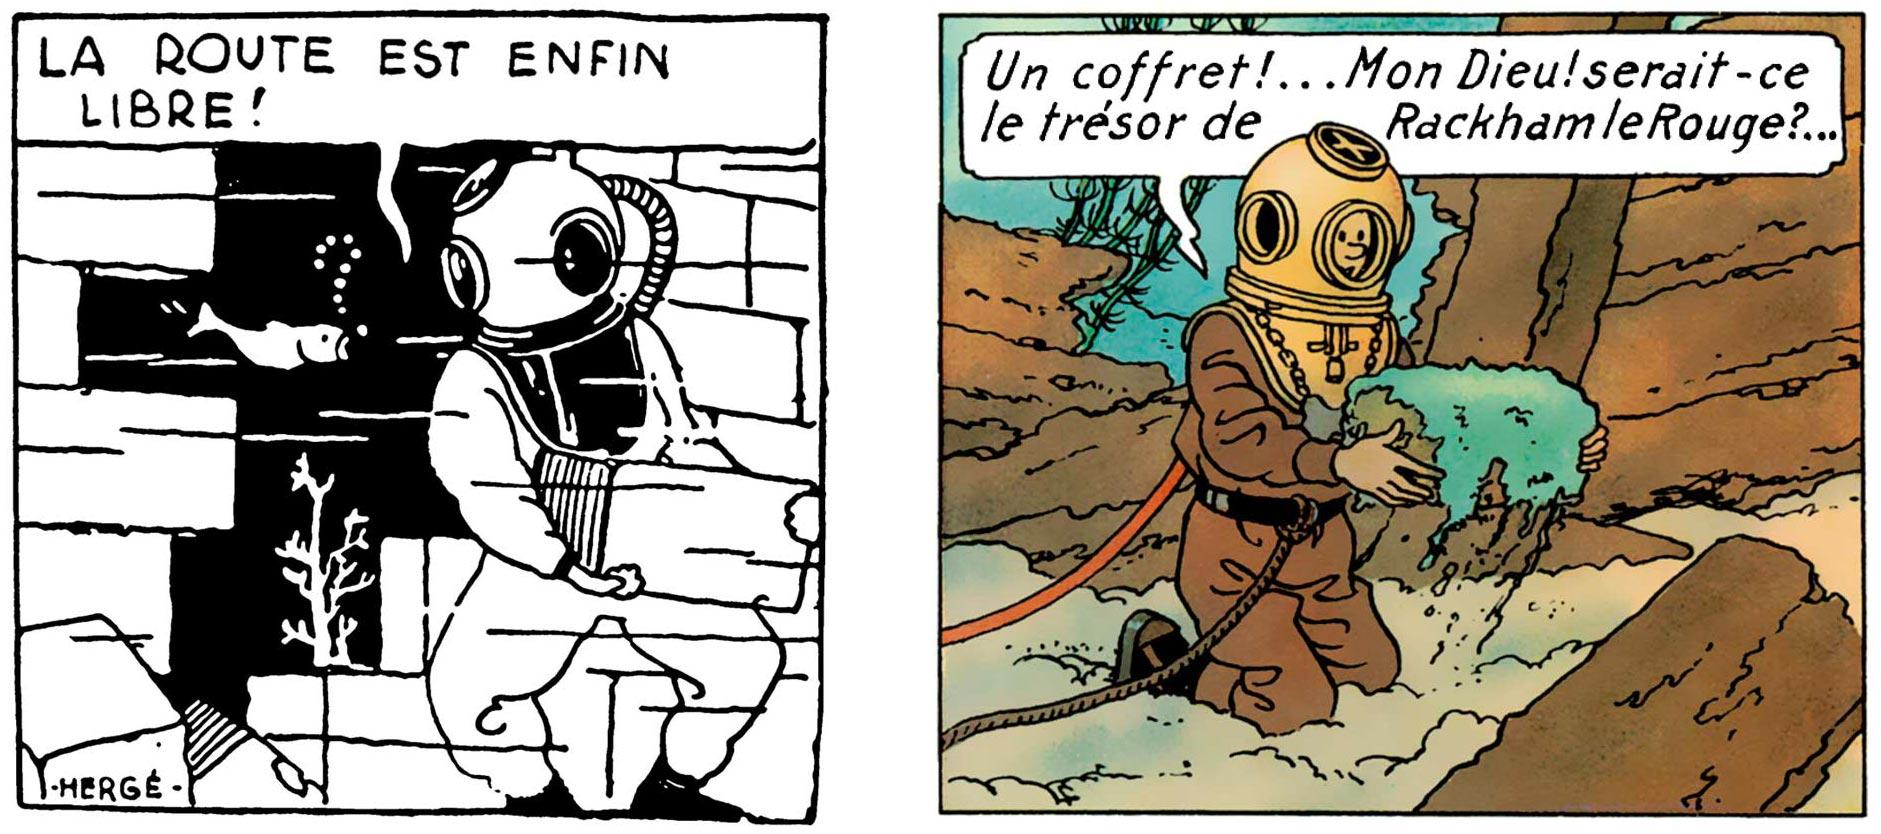 Tintin au pays de Soviets Le Trésor de Rackham le Rouge scaphandre